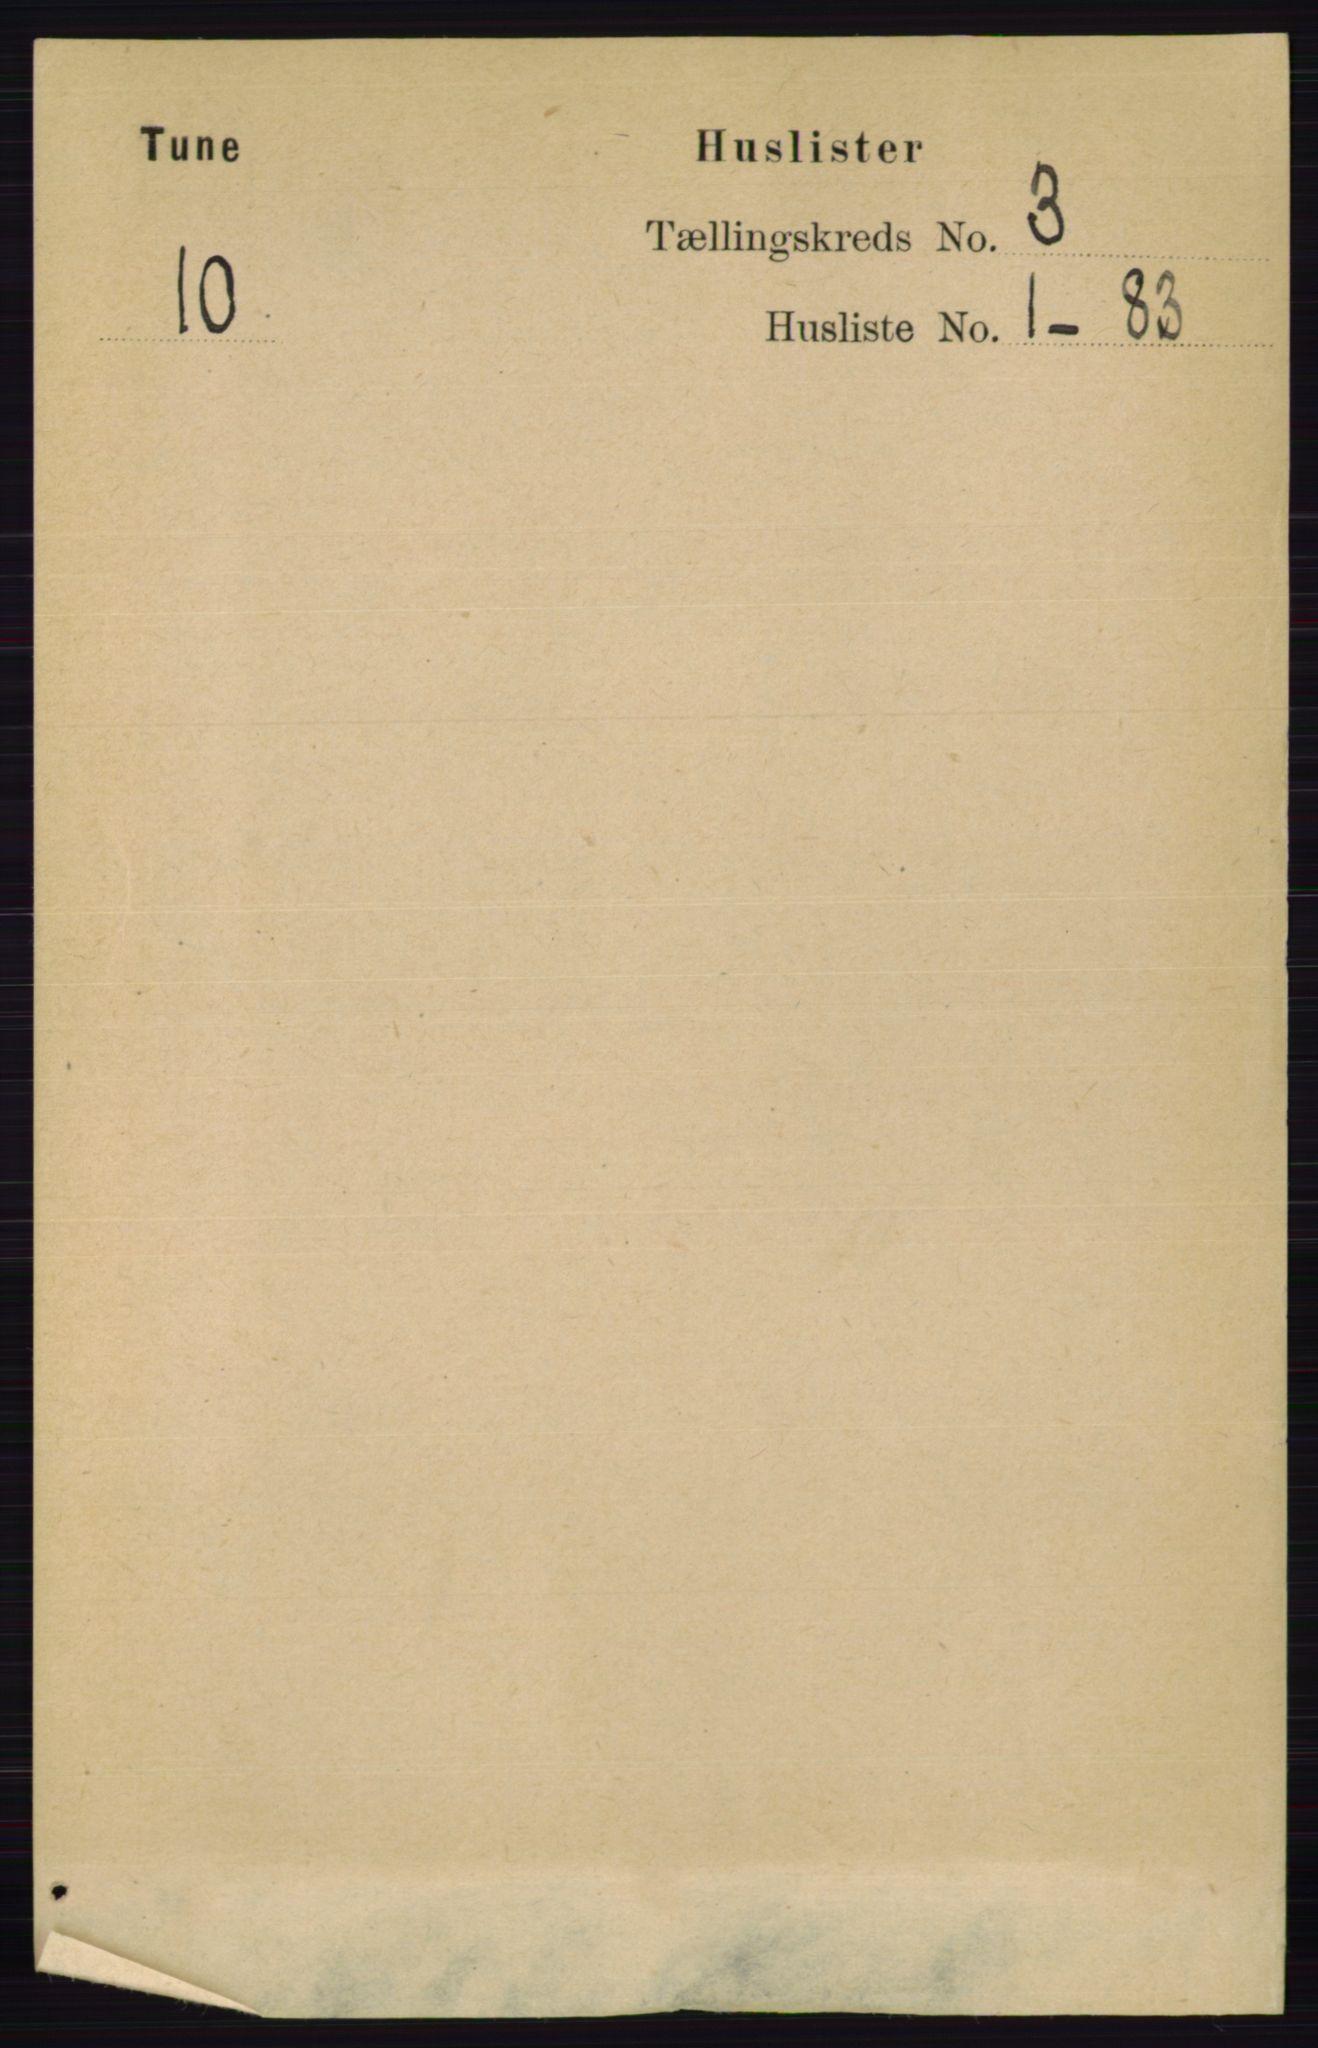 RA, Folketelling 1891 for 0130 Tune herred, 1891, s. 1399